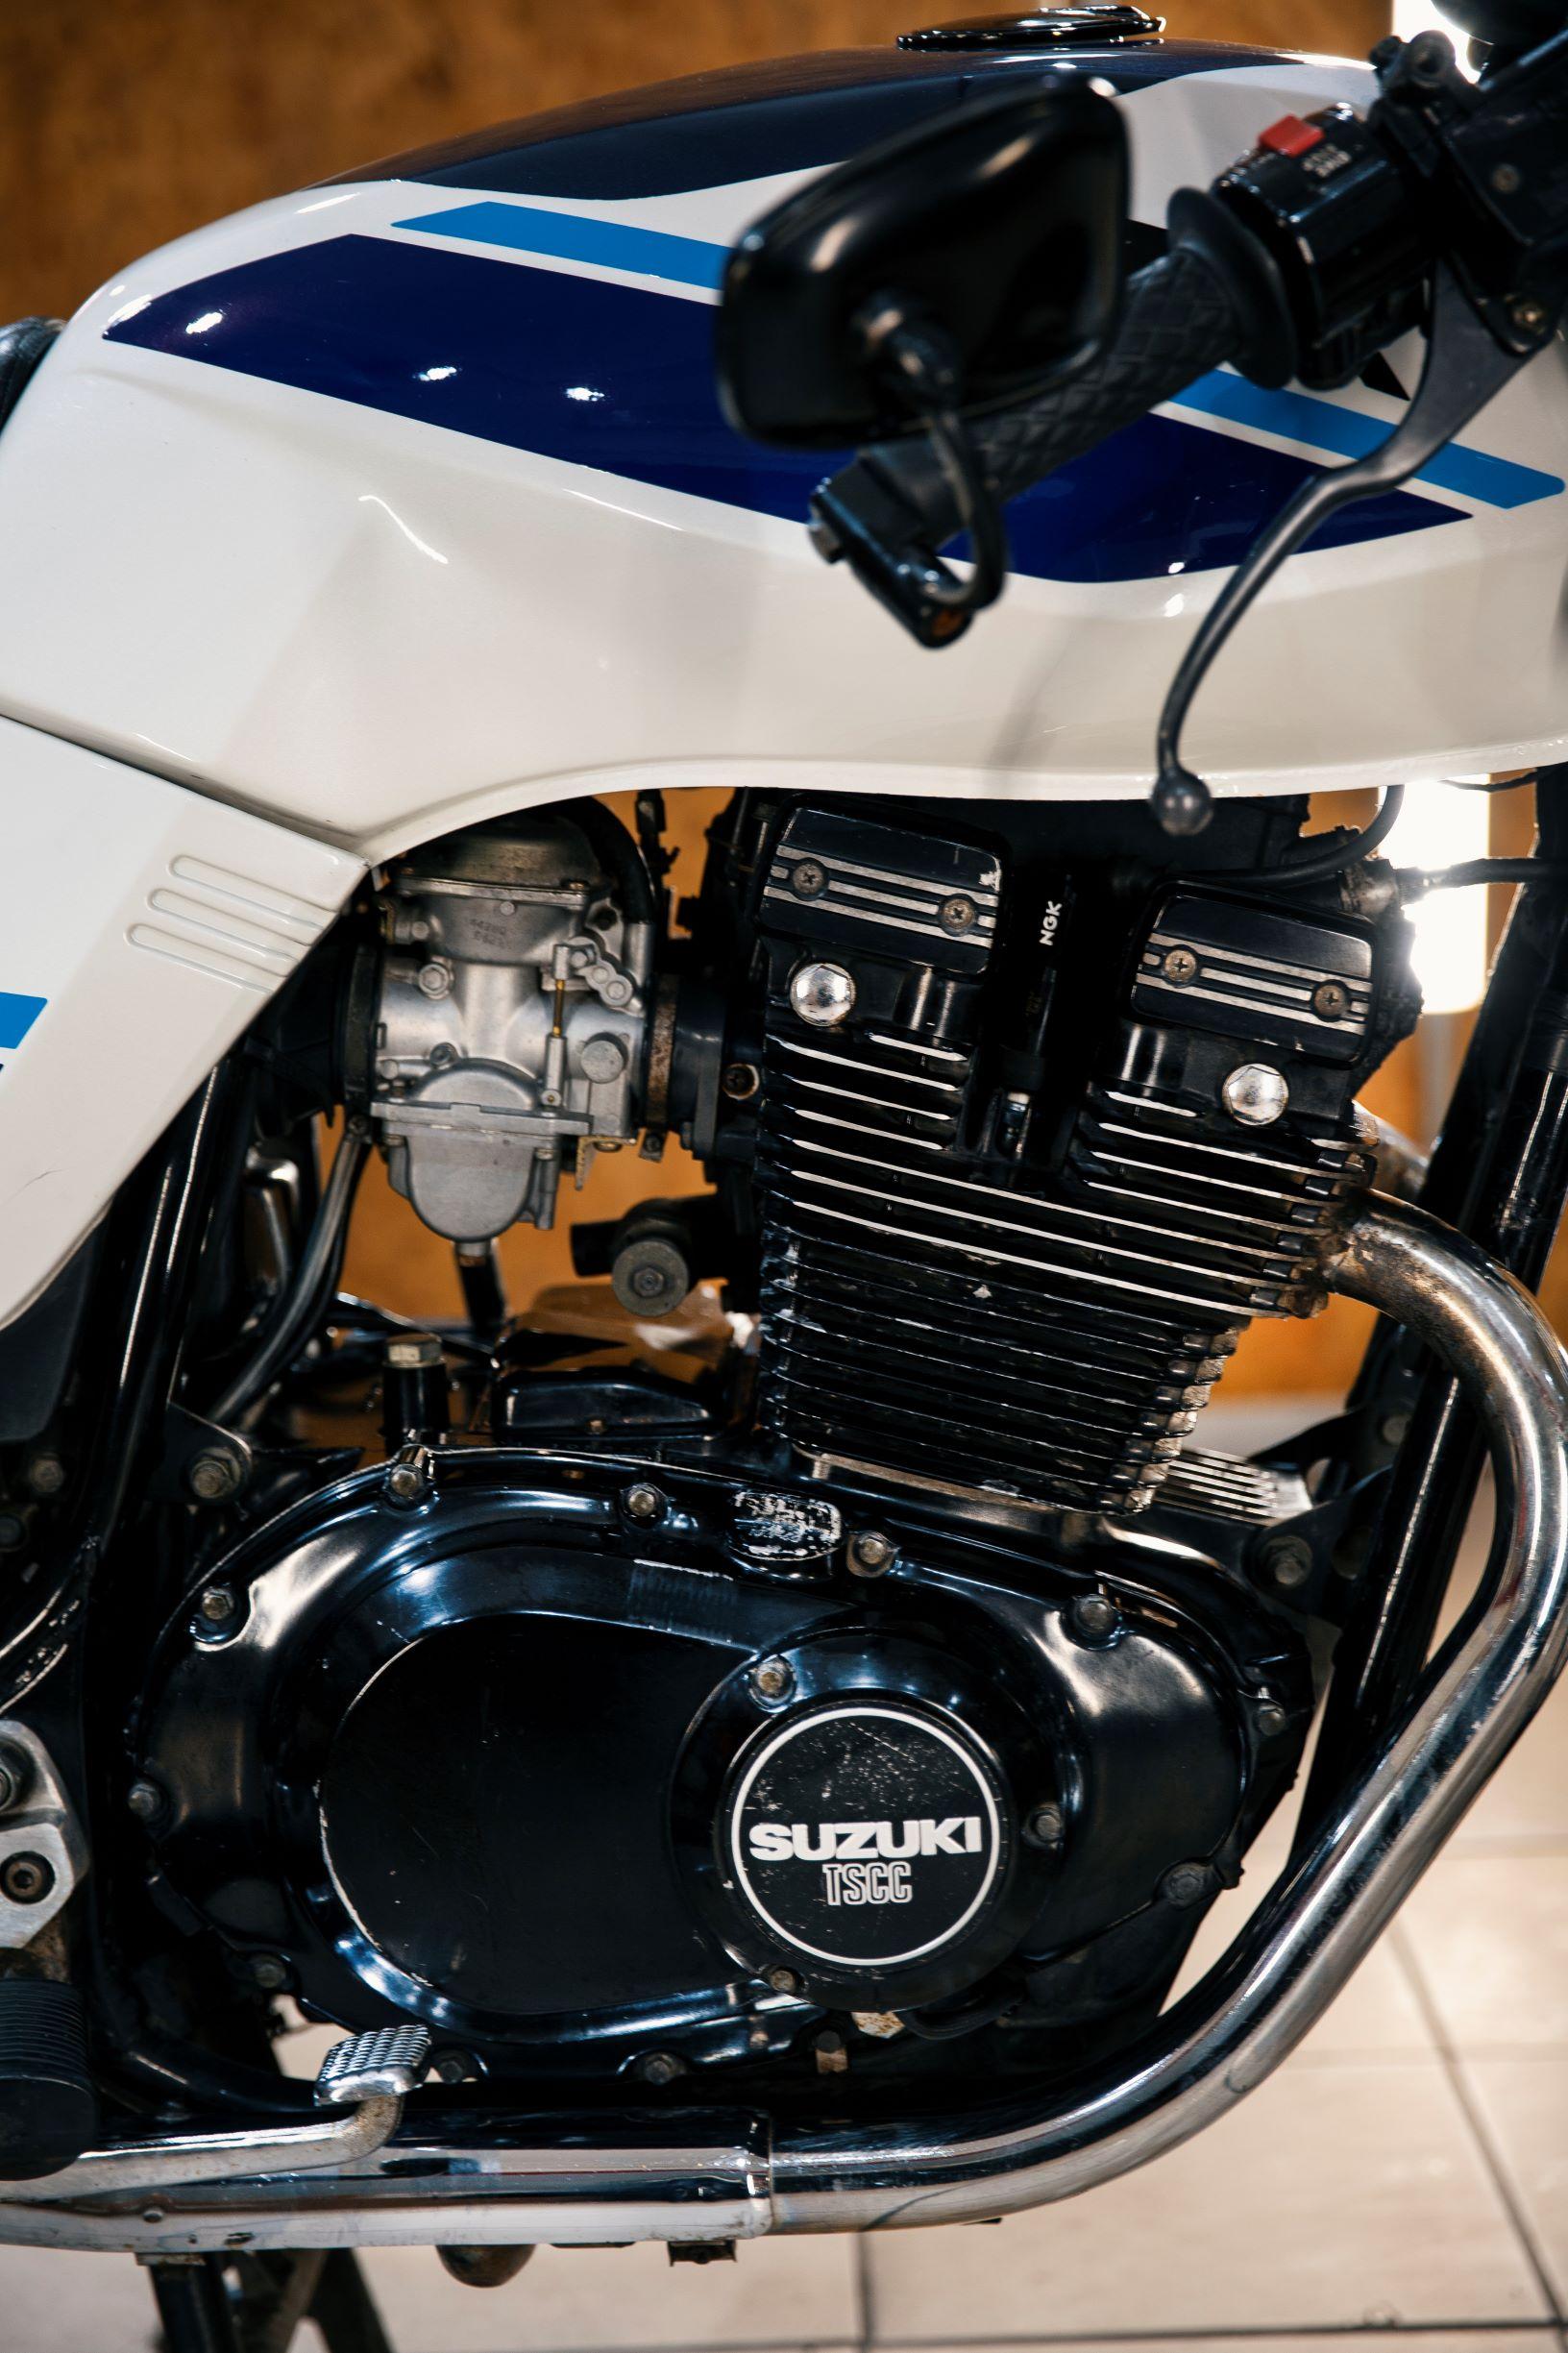 Motocykl Suzuki gsx